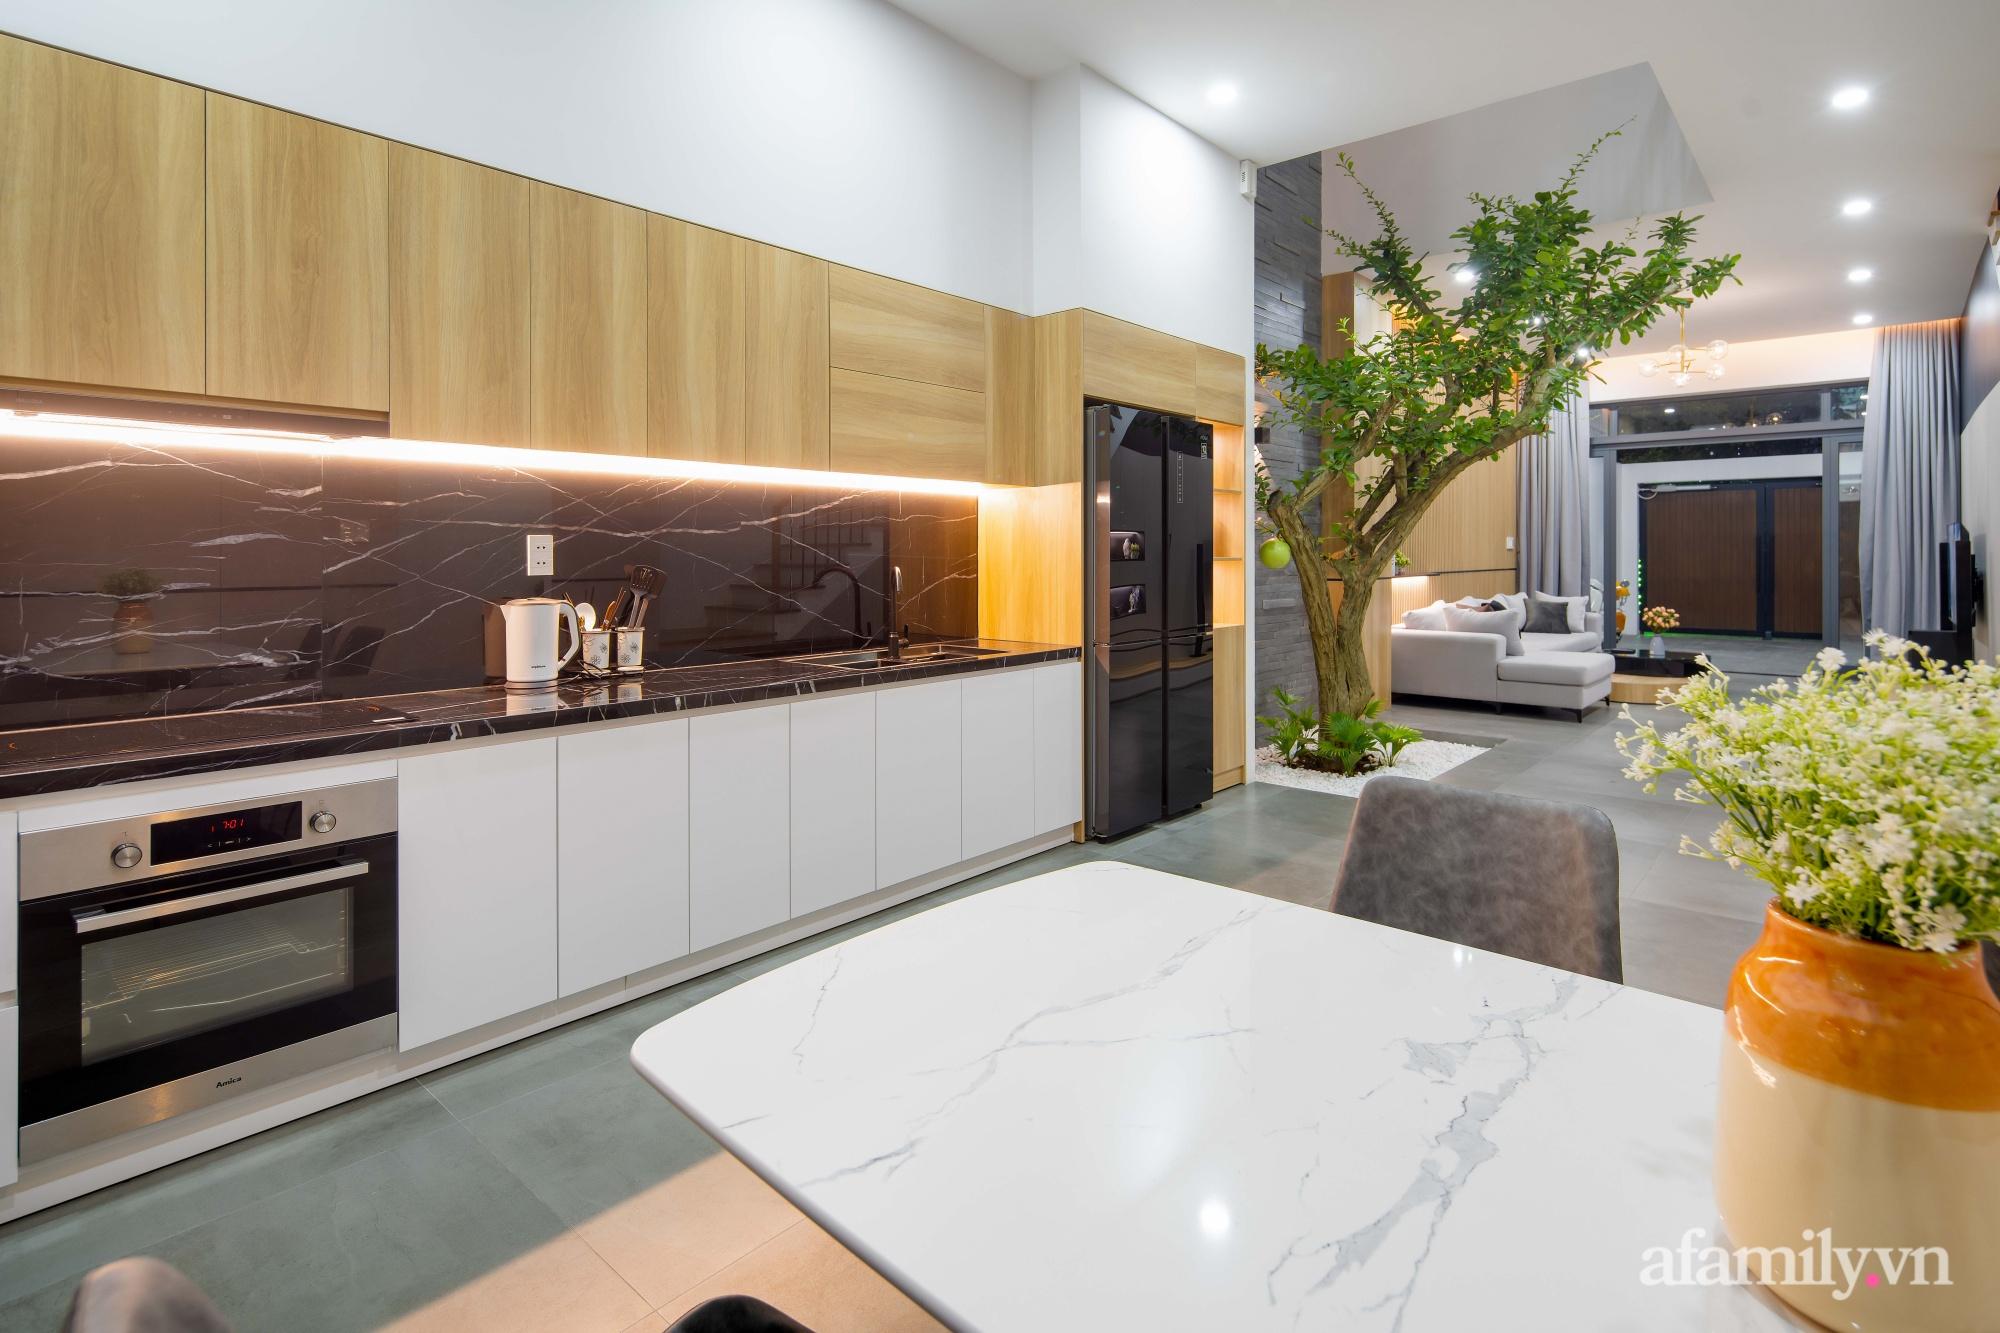 Nhà phố 3 tầng đẹp hiện đại với phong cách tối giản ngập tràn ánh sáng và cây xanh ở Đà Nẵng - Ảnh 10.